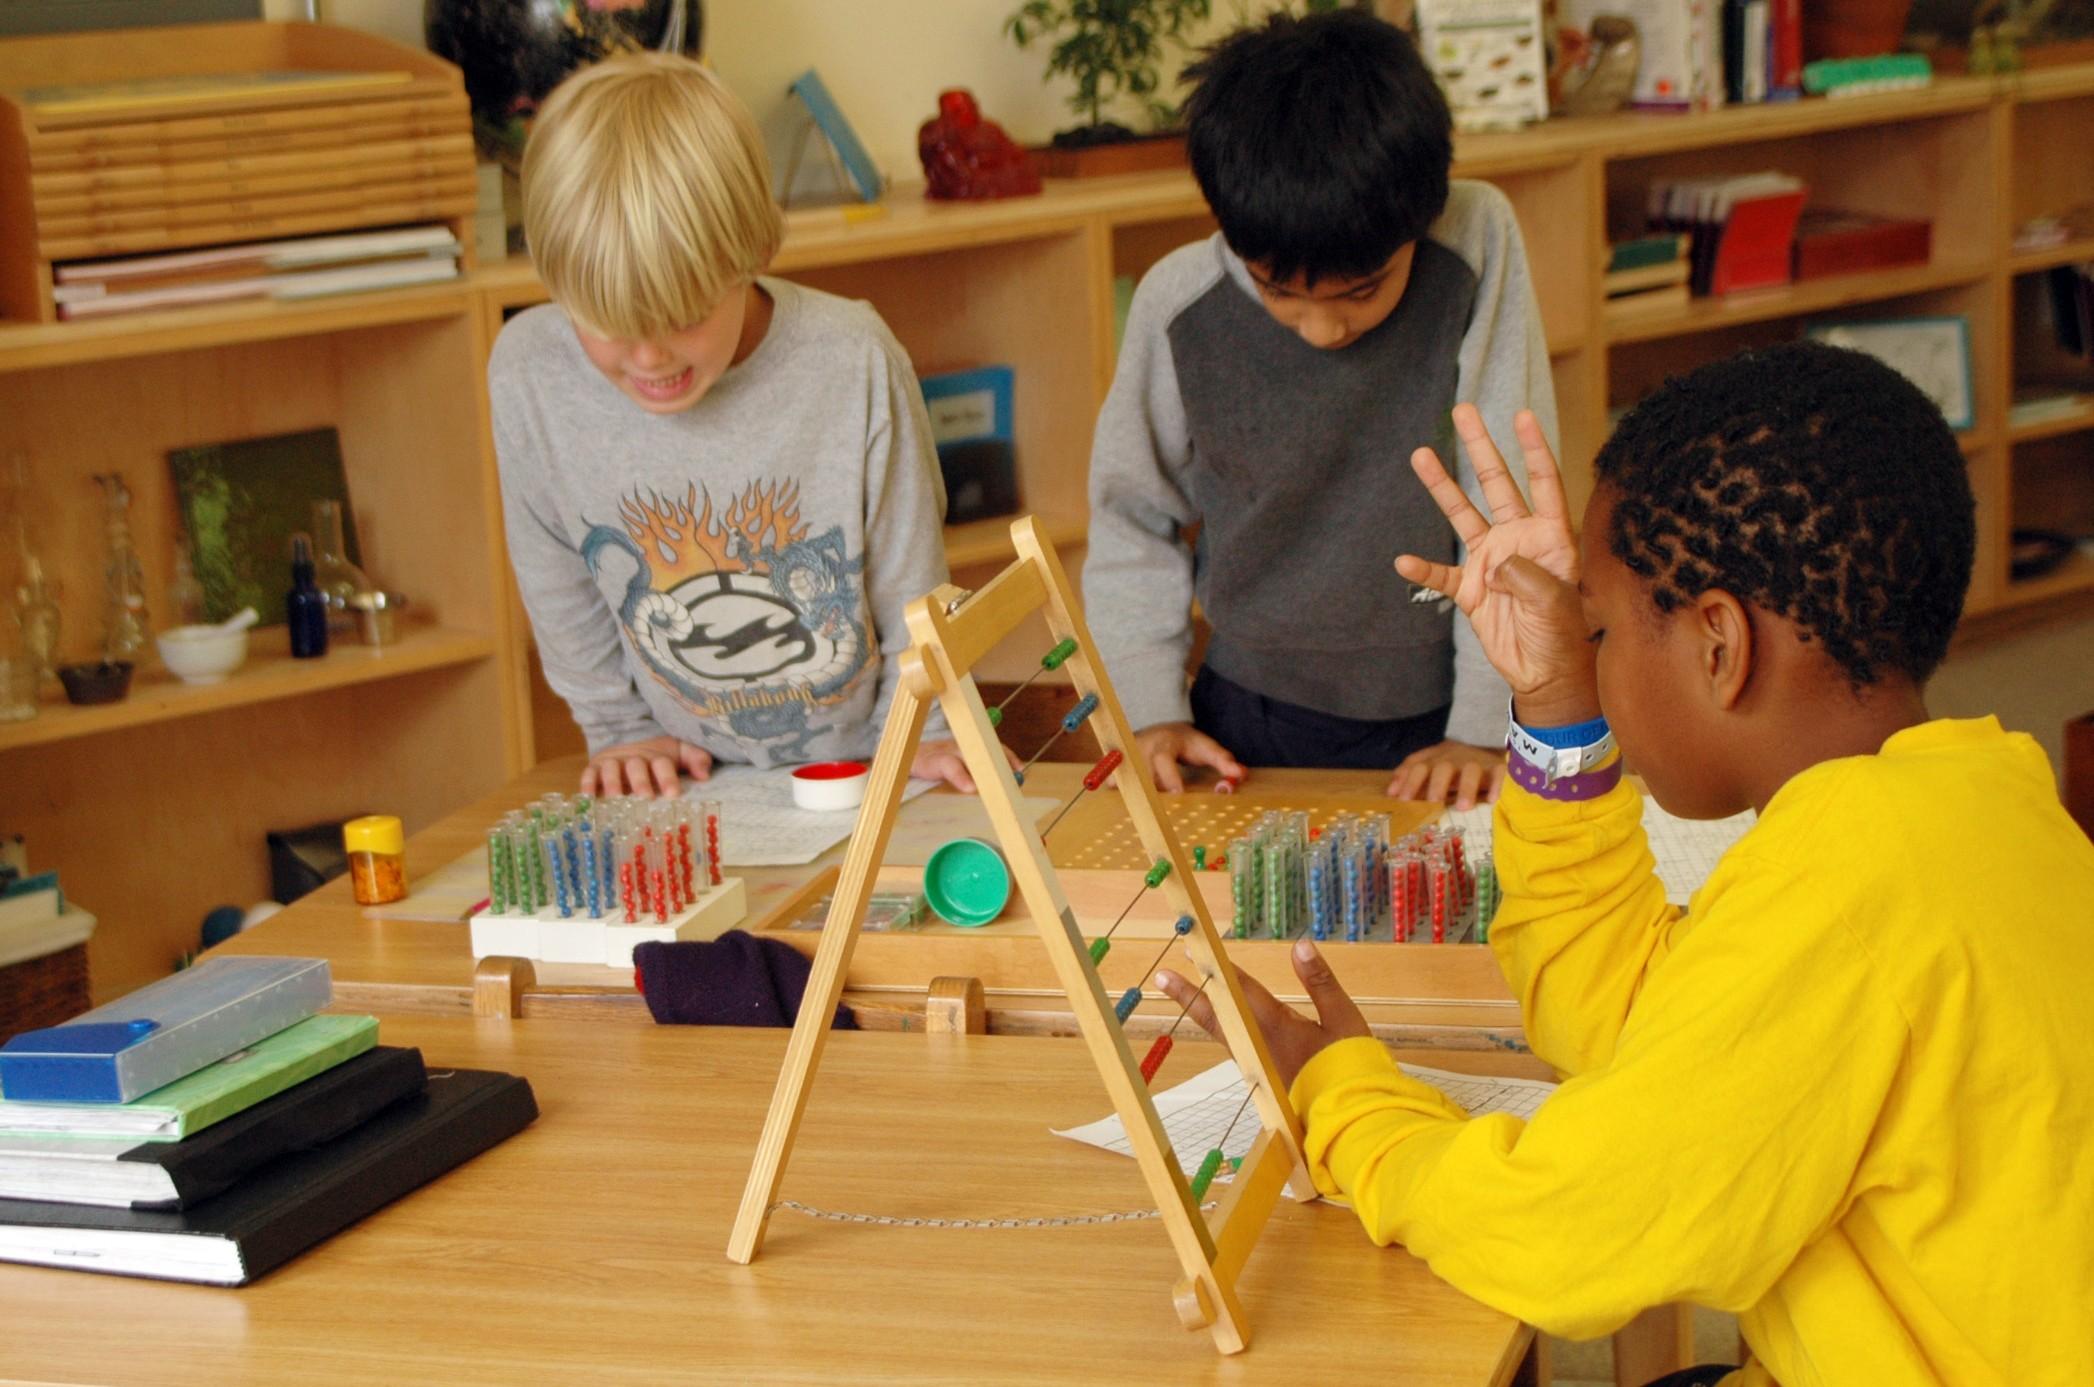 Sử dụng các vật dụng phù hợp với trẻ